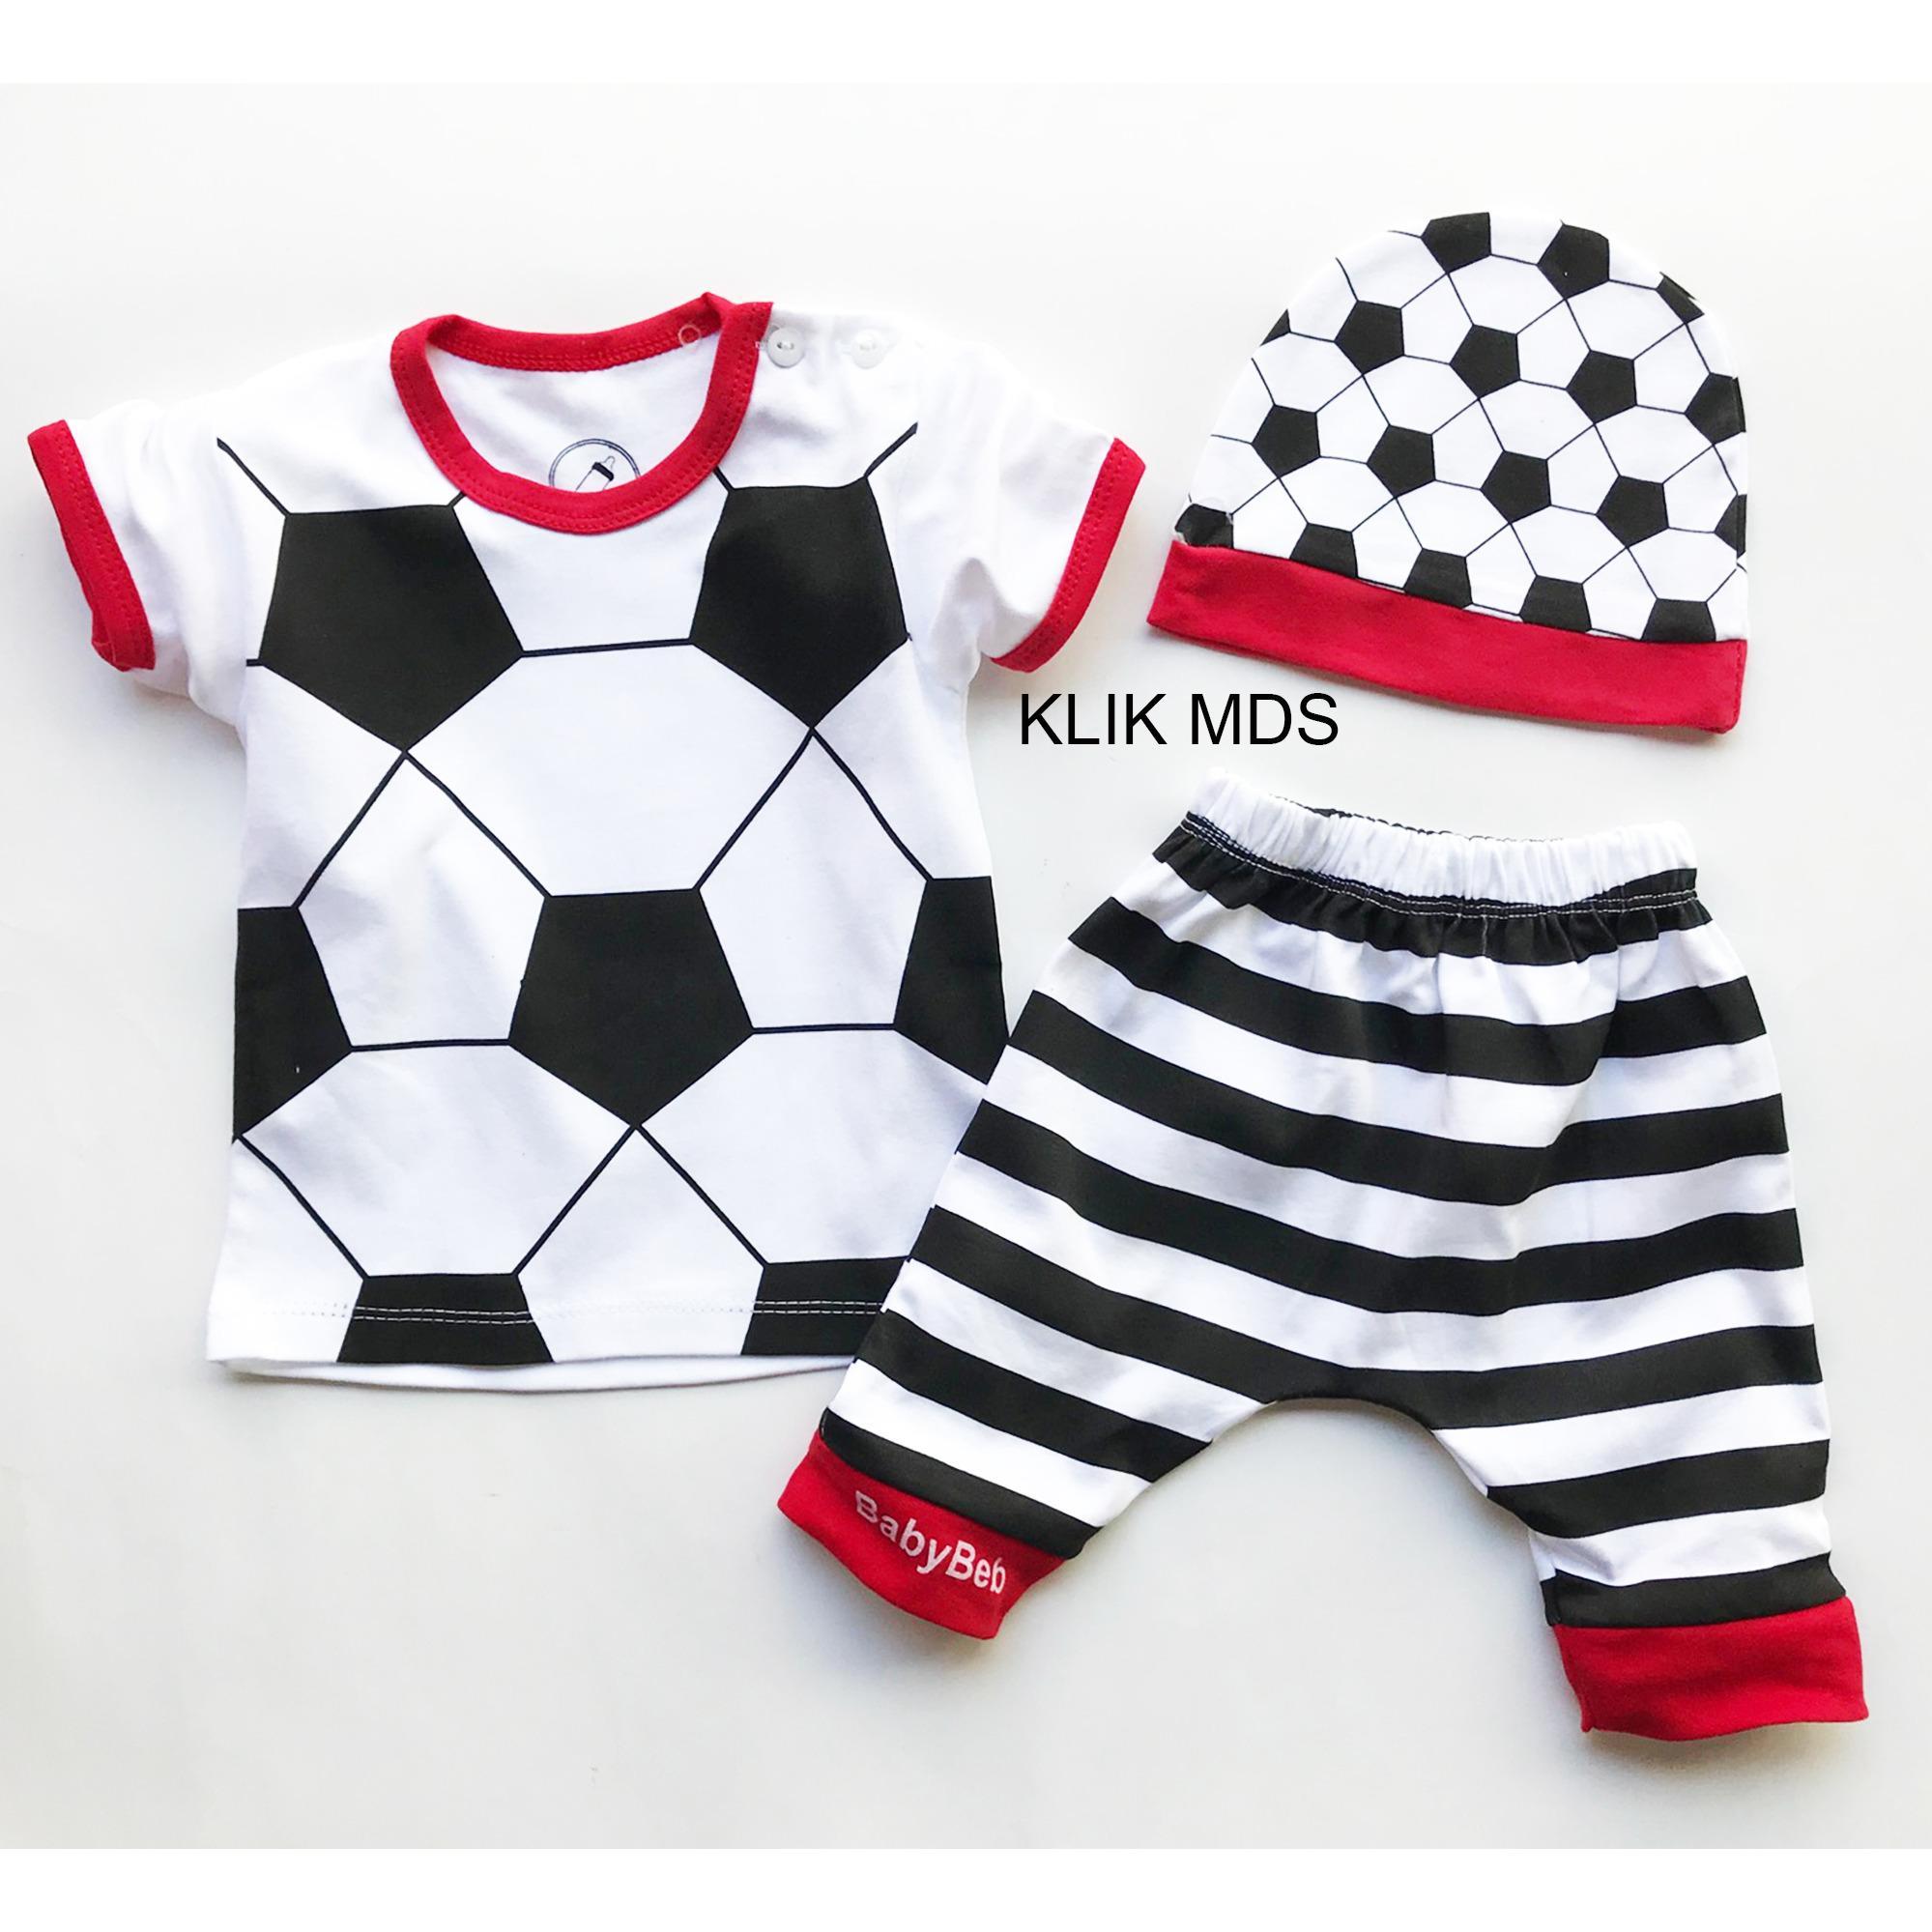 Klik Mds Baju Anak Setelan Atasan Dan Celana Motif Karakter Bola Free Topi By Klik Mds.